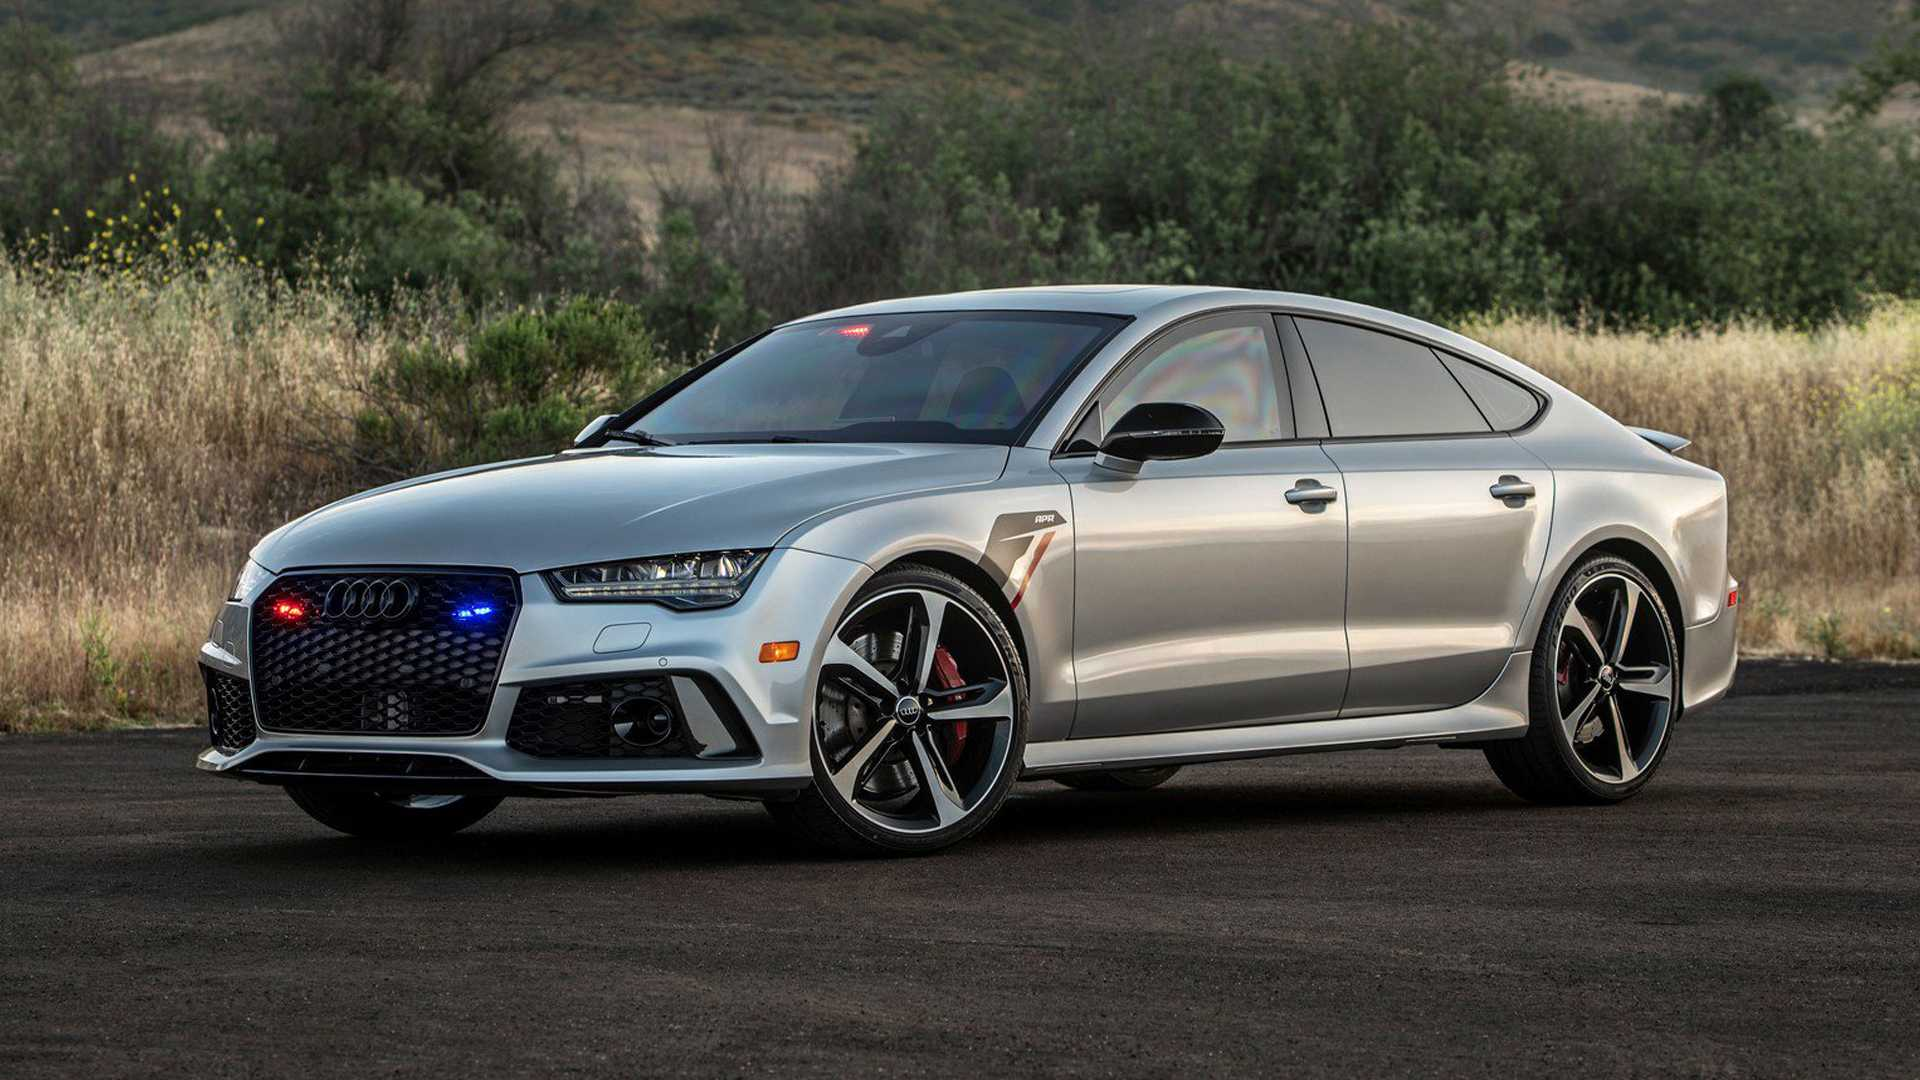 Kelebihan Kekurangan Audi R7 Spesifikasi